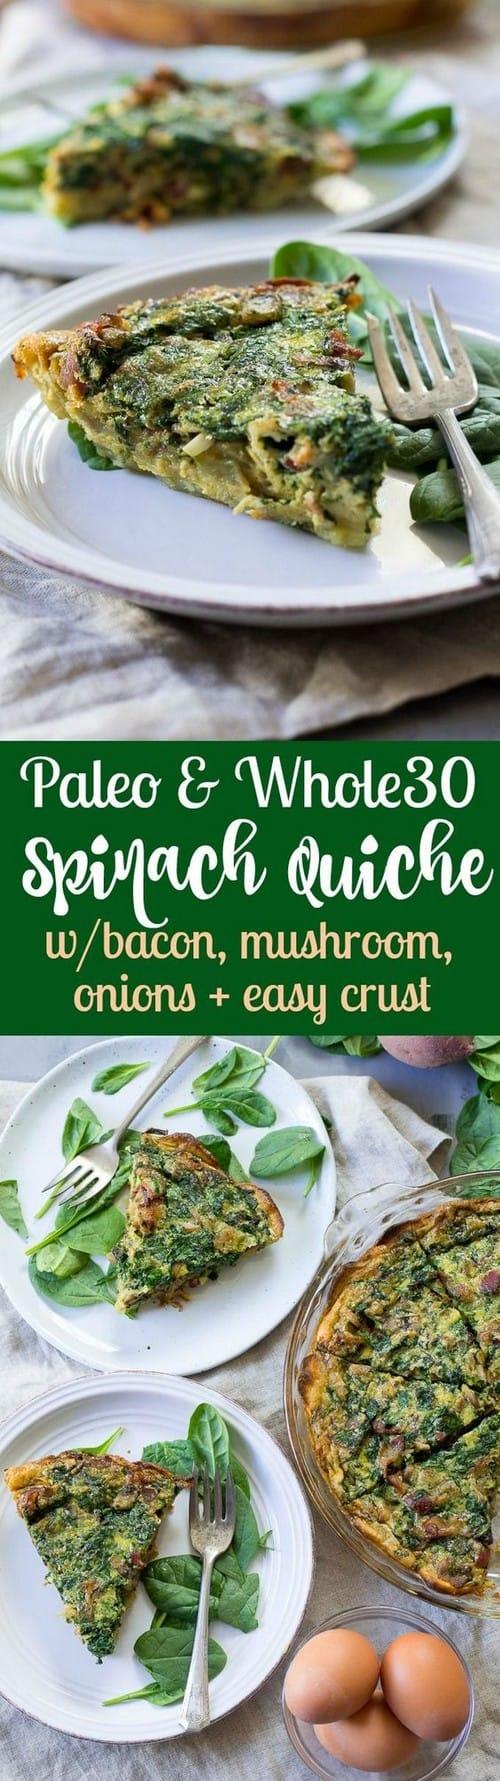 paleo-whole30-spinach-quiche